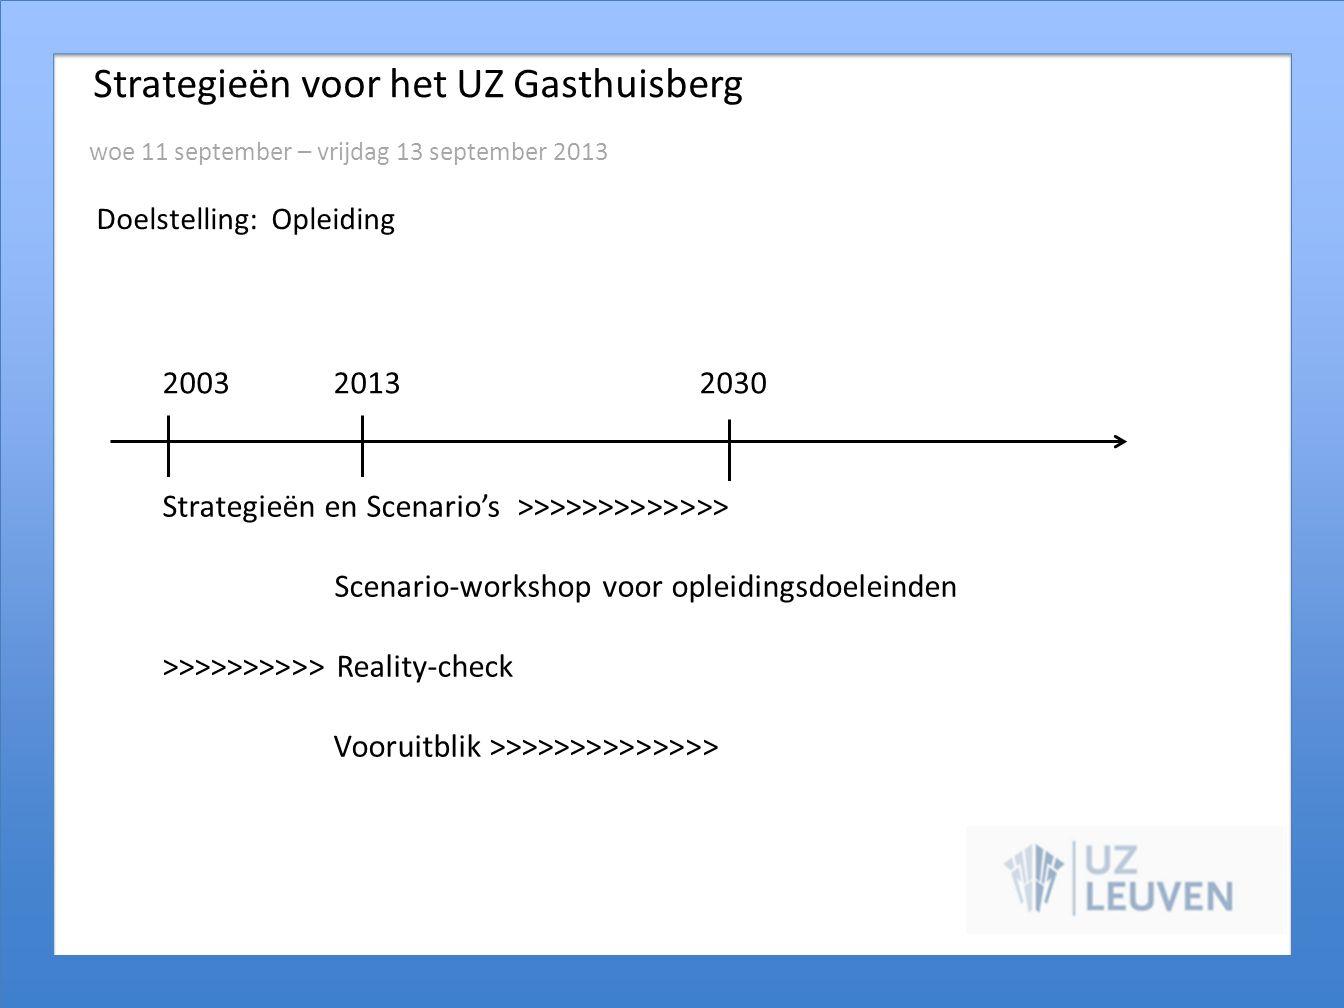 Stap 1: mapping van de context voor het UZ Gasthuisberg > Historische ontwikkeling van UZG Macro-context (contextuele omgeving) > 'Stakeholders' en Gebruikerssituaties (+ flows) Sector- of competitieve context (transactionele omgeving) De contextuele omgeving beperkt zich tot die drijvende krachten waar de organisatie geen vat op heeft.